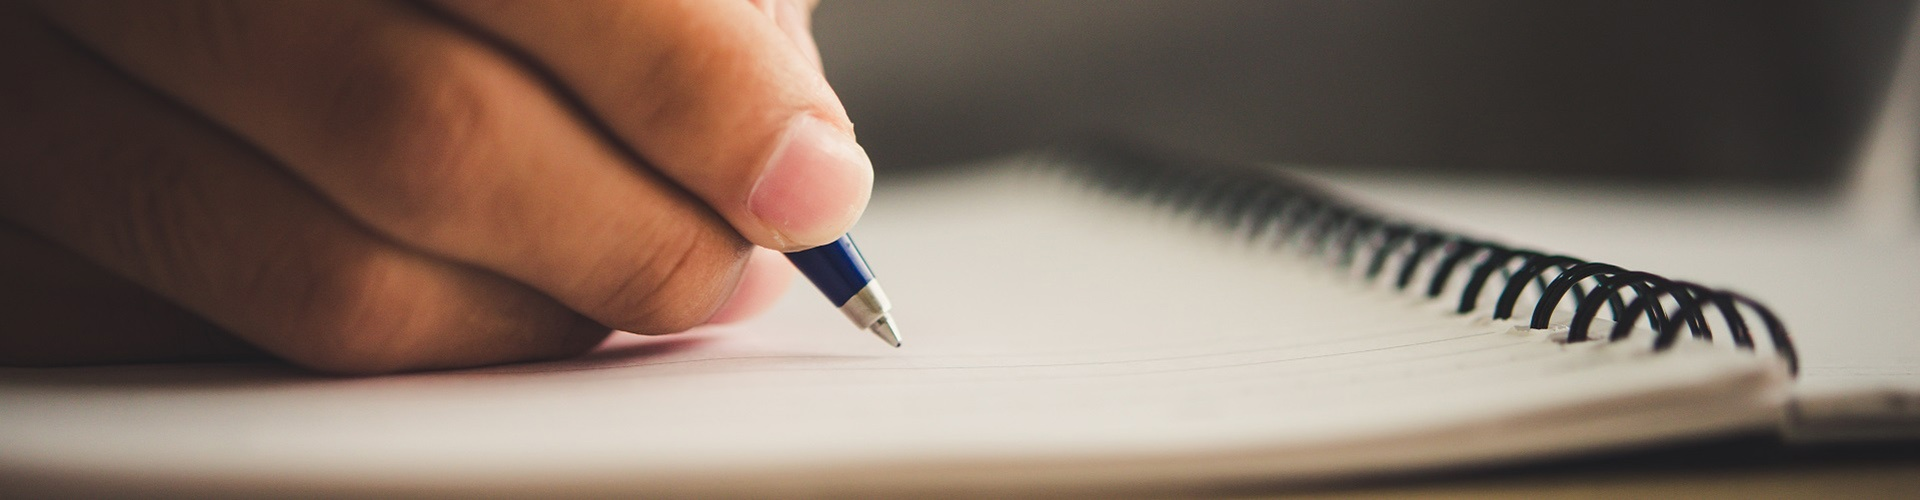 Moduli e contrattualistica standardizzata